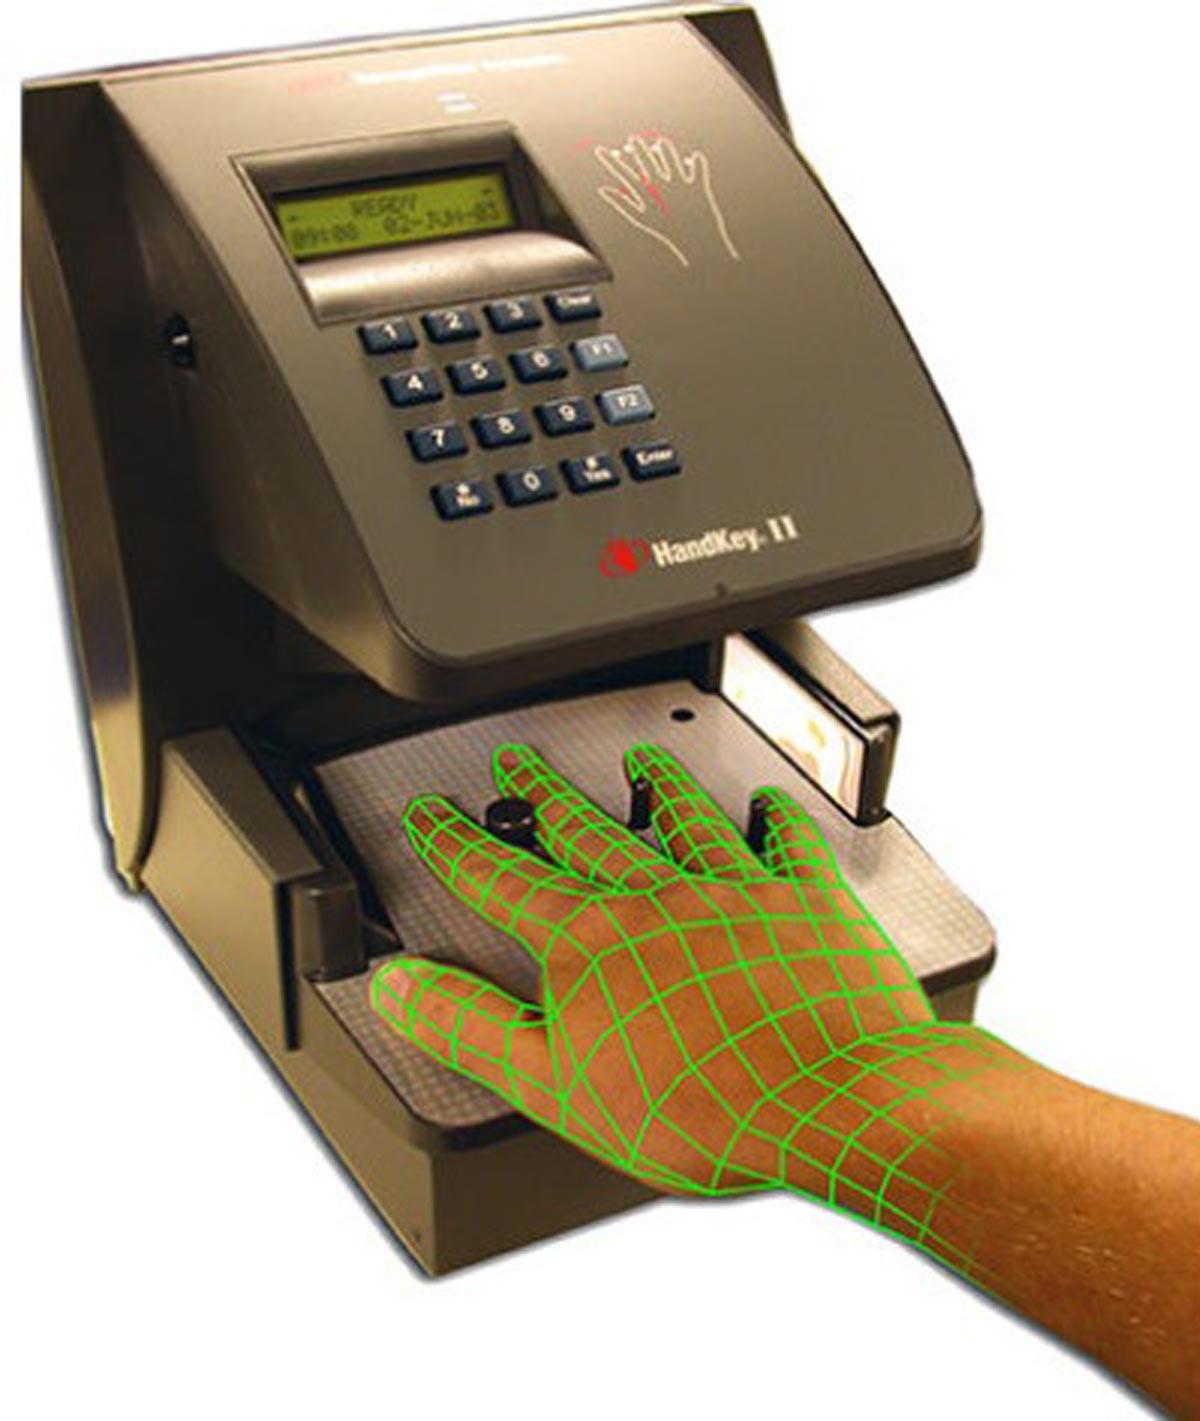 schlage handkey handkey reader hand geometry reader biometric hand reader hand reader door access control door access control smart door access control door security system